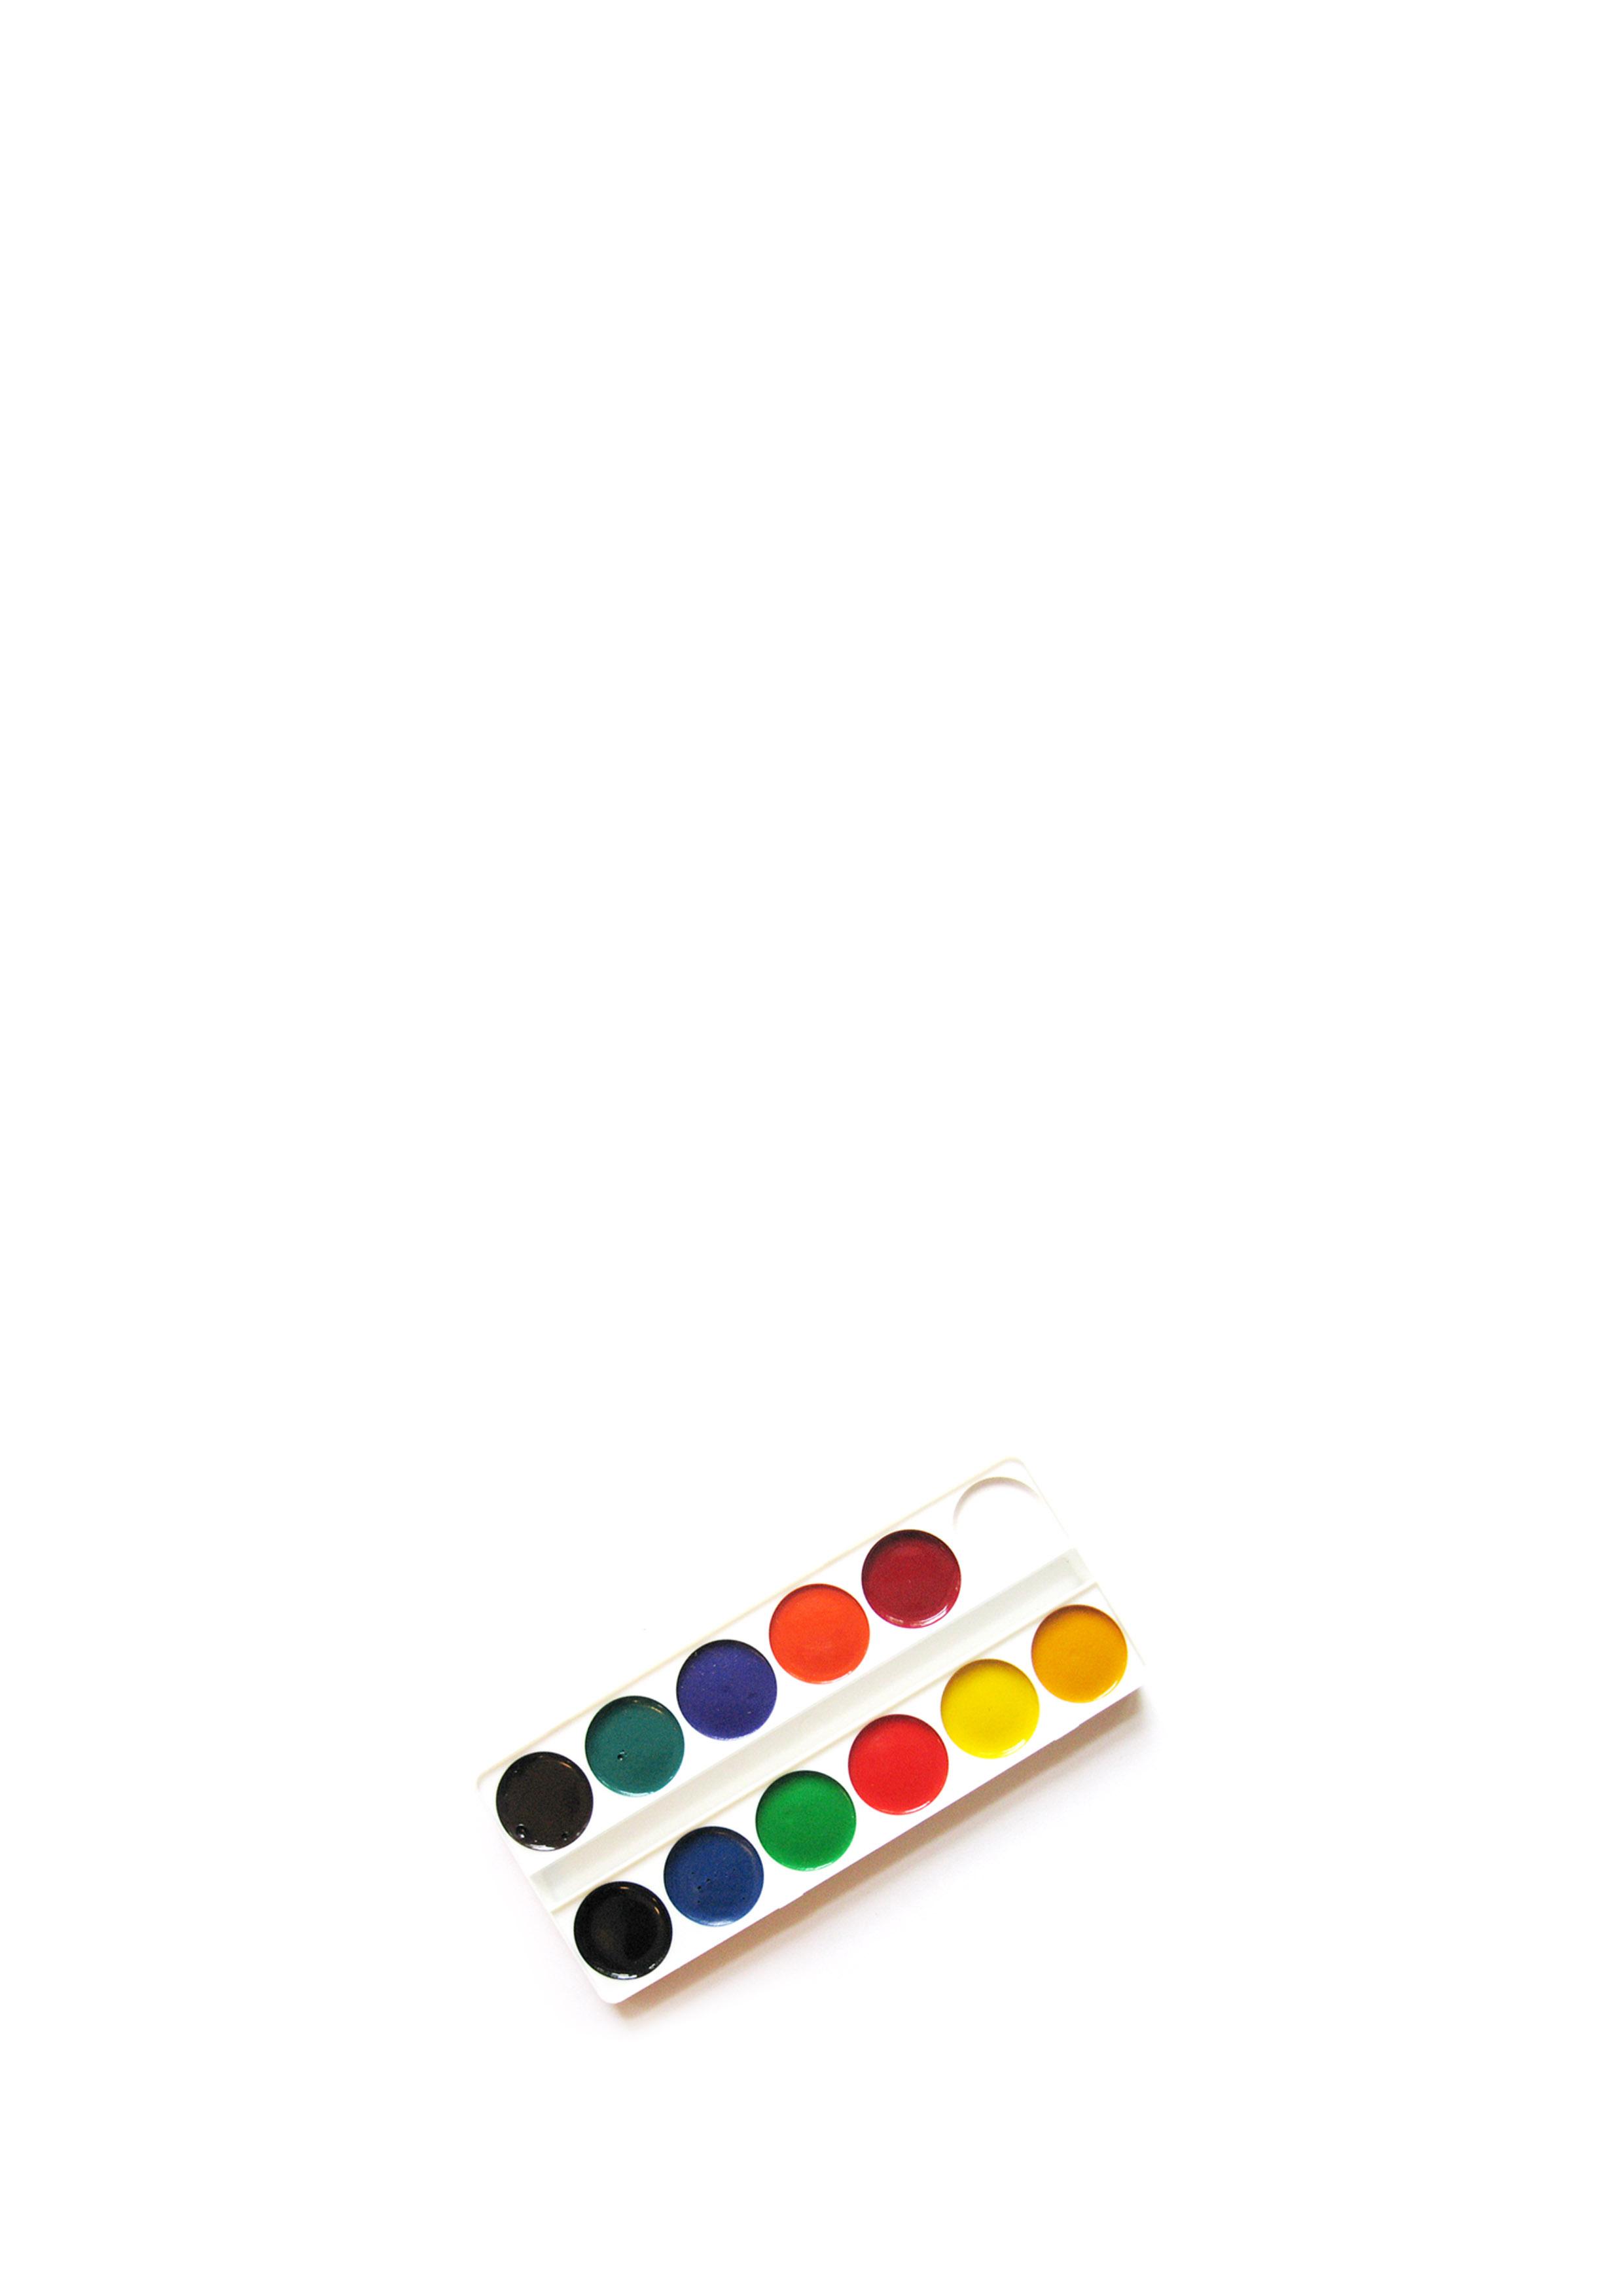 знакомство с акварельными красками конспект занятия